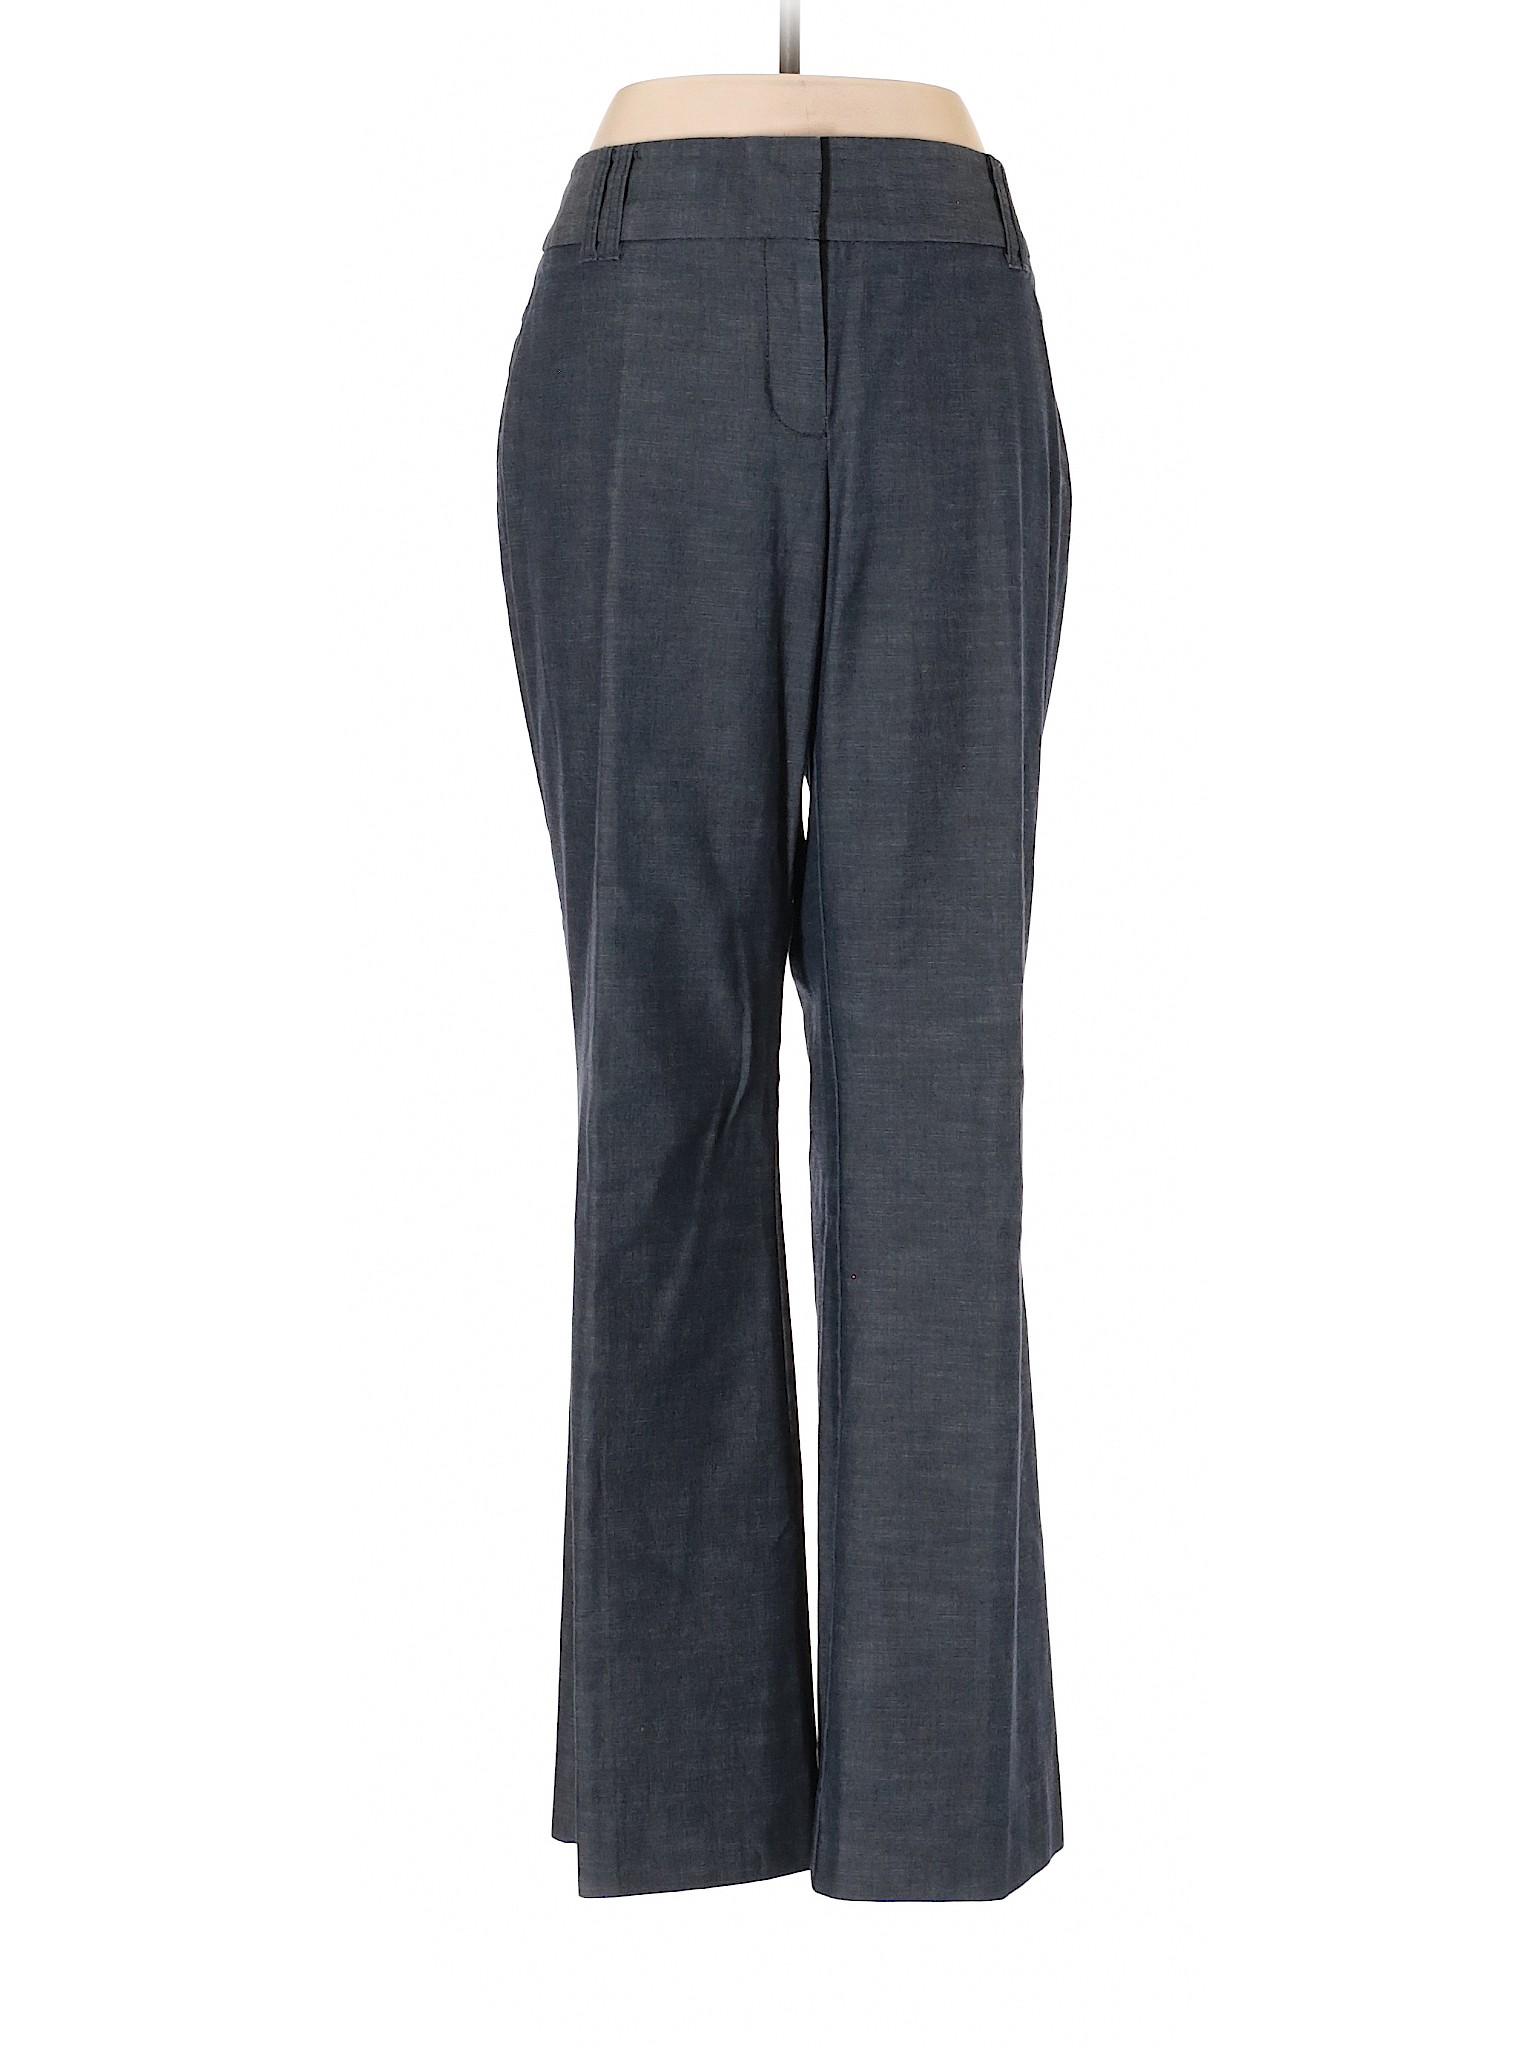 Pants Ann Dress leisure Boutique Taylor LOFT xgHRqv8wn